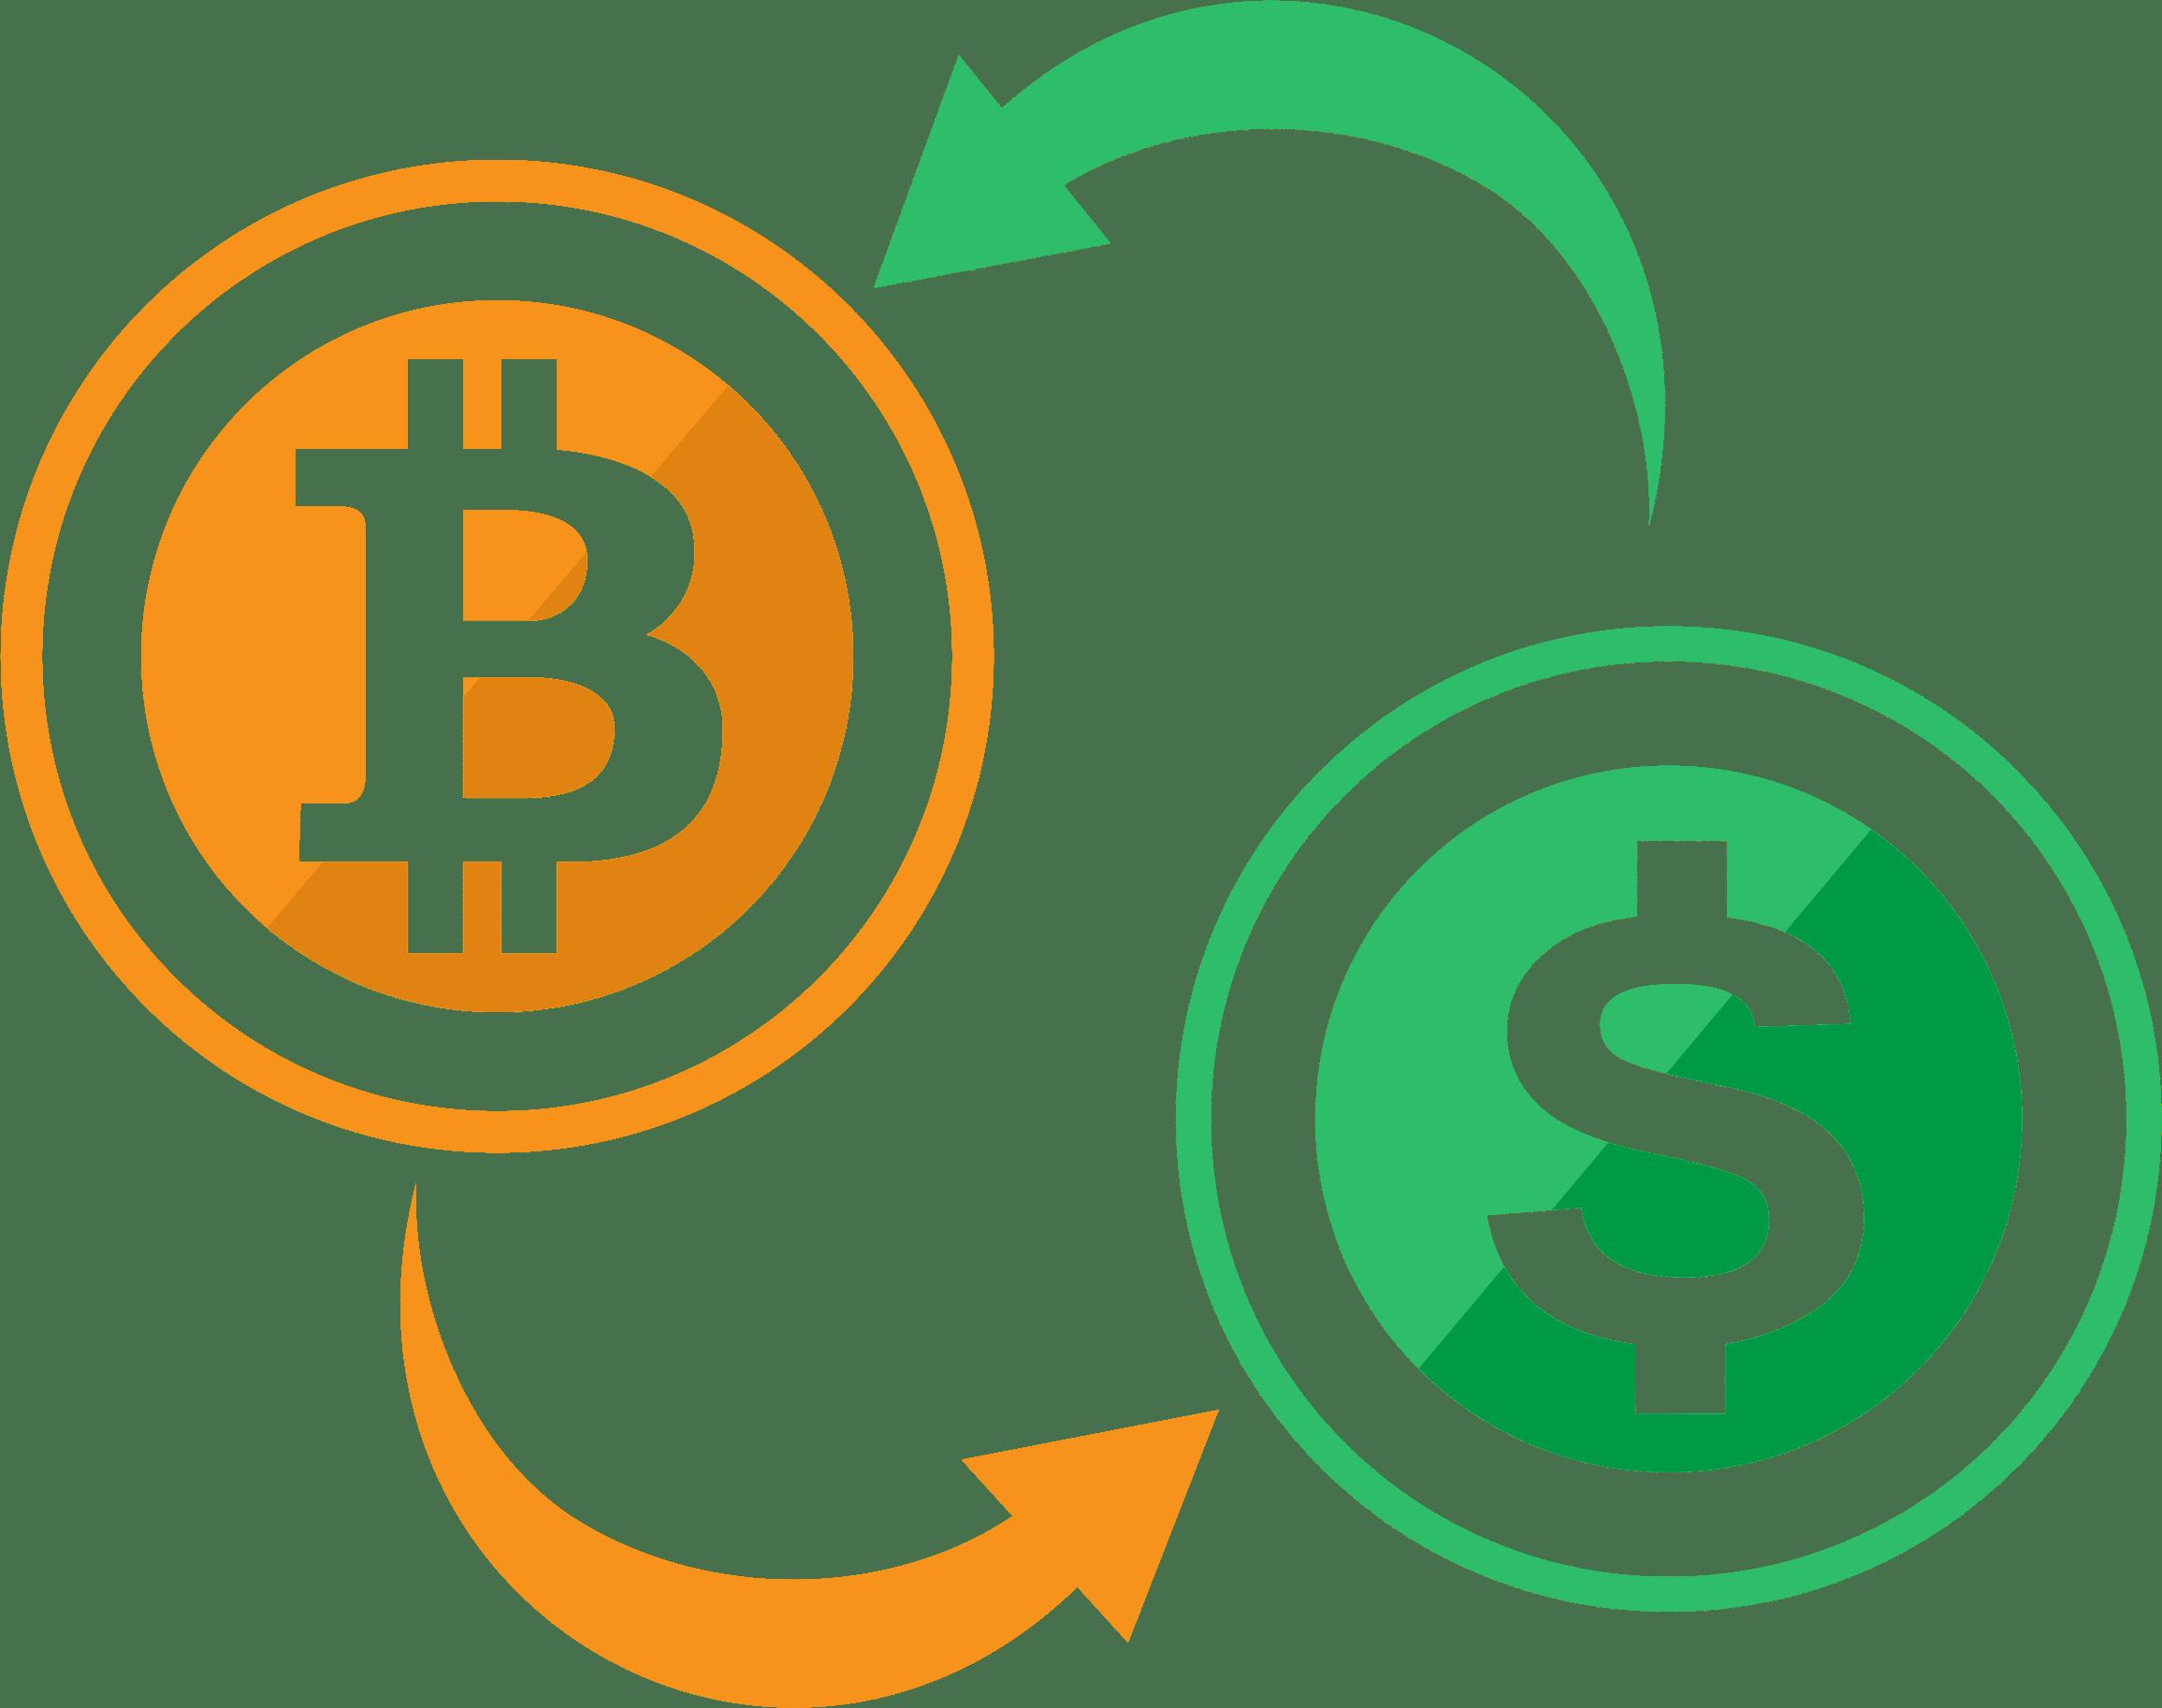 Обмен криптовалюты на bitcoin на форекс стратегия торговли на м1